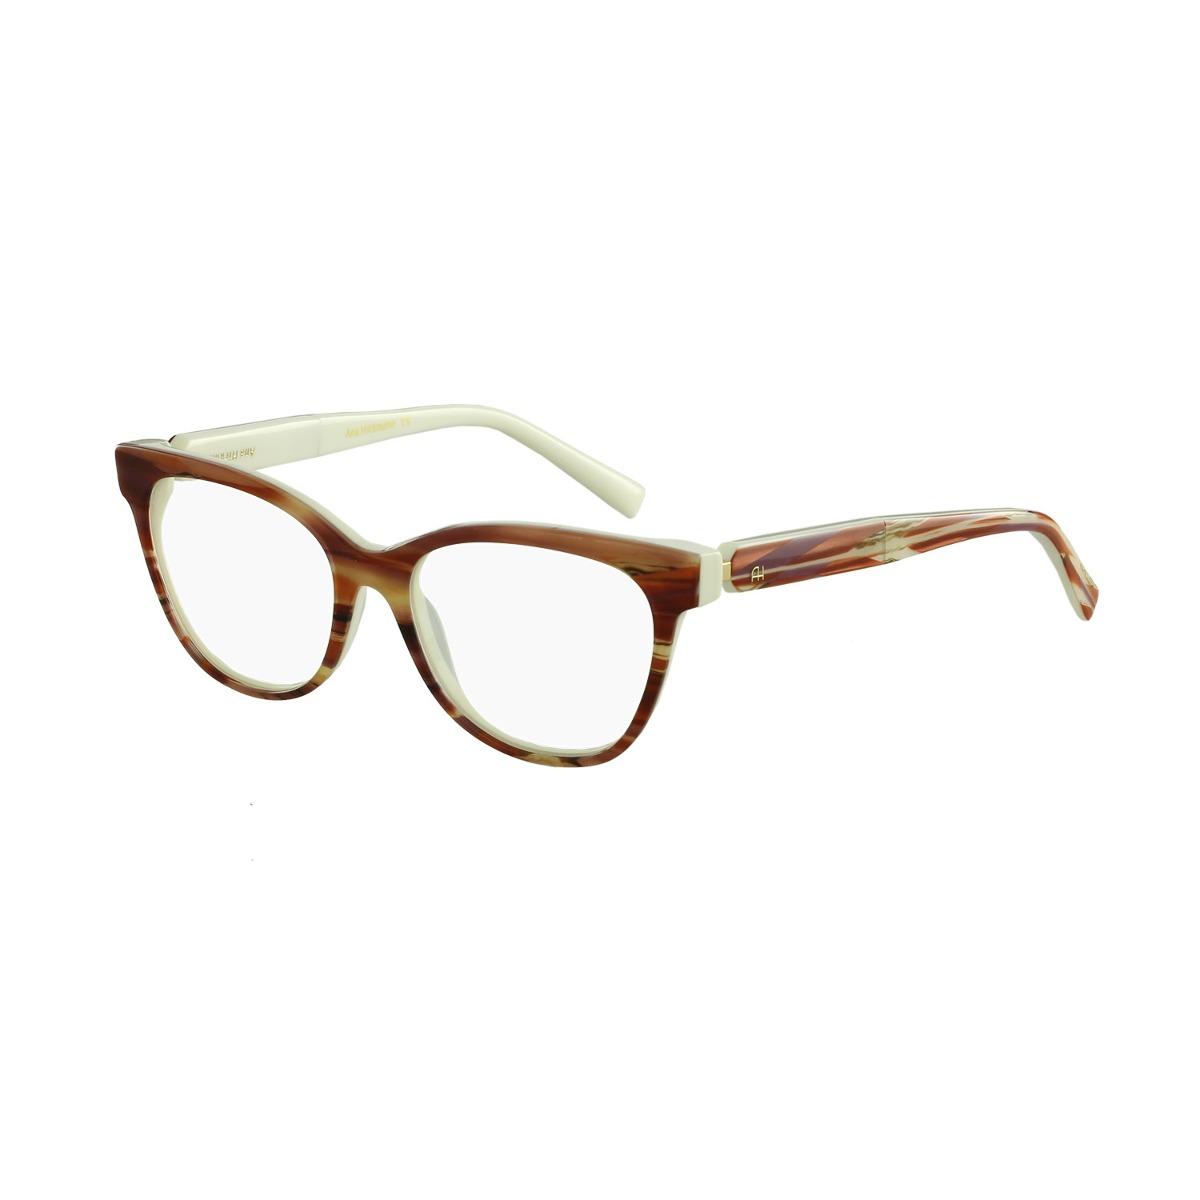 Óculos De Grau Ana Hickmann Casual Marrom - R  547,00 em Mercado Livre 6bc7449136